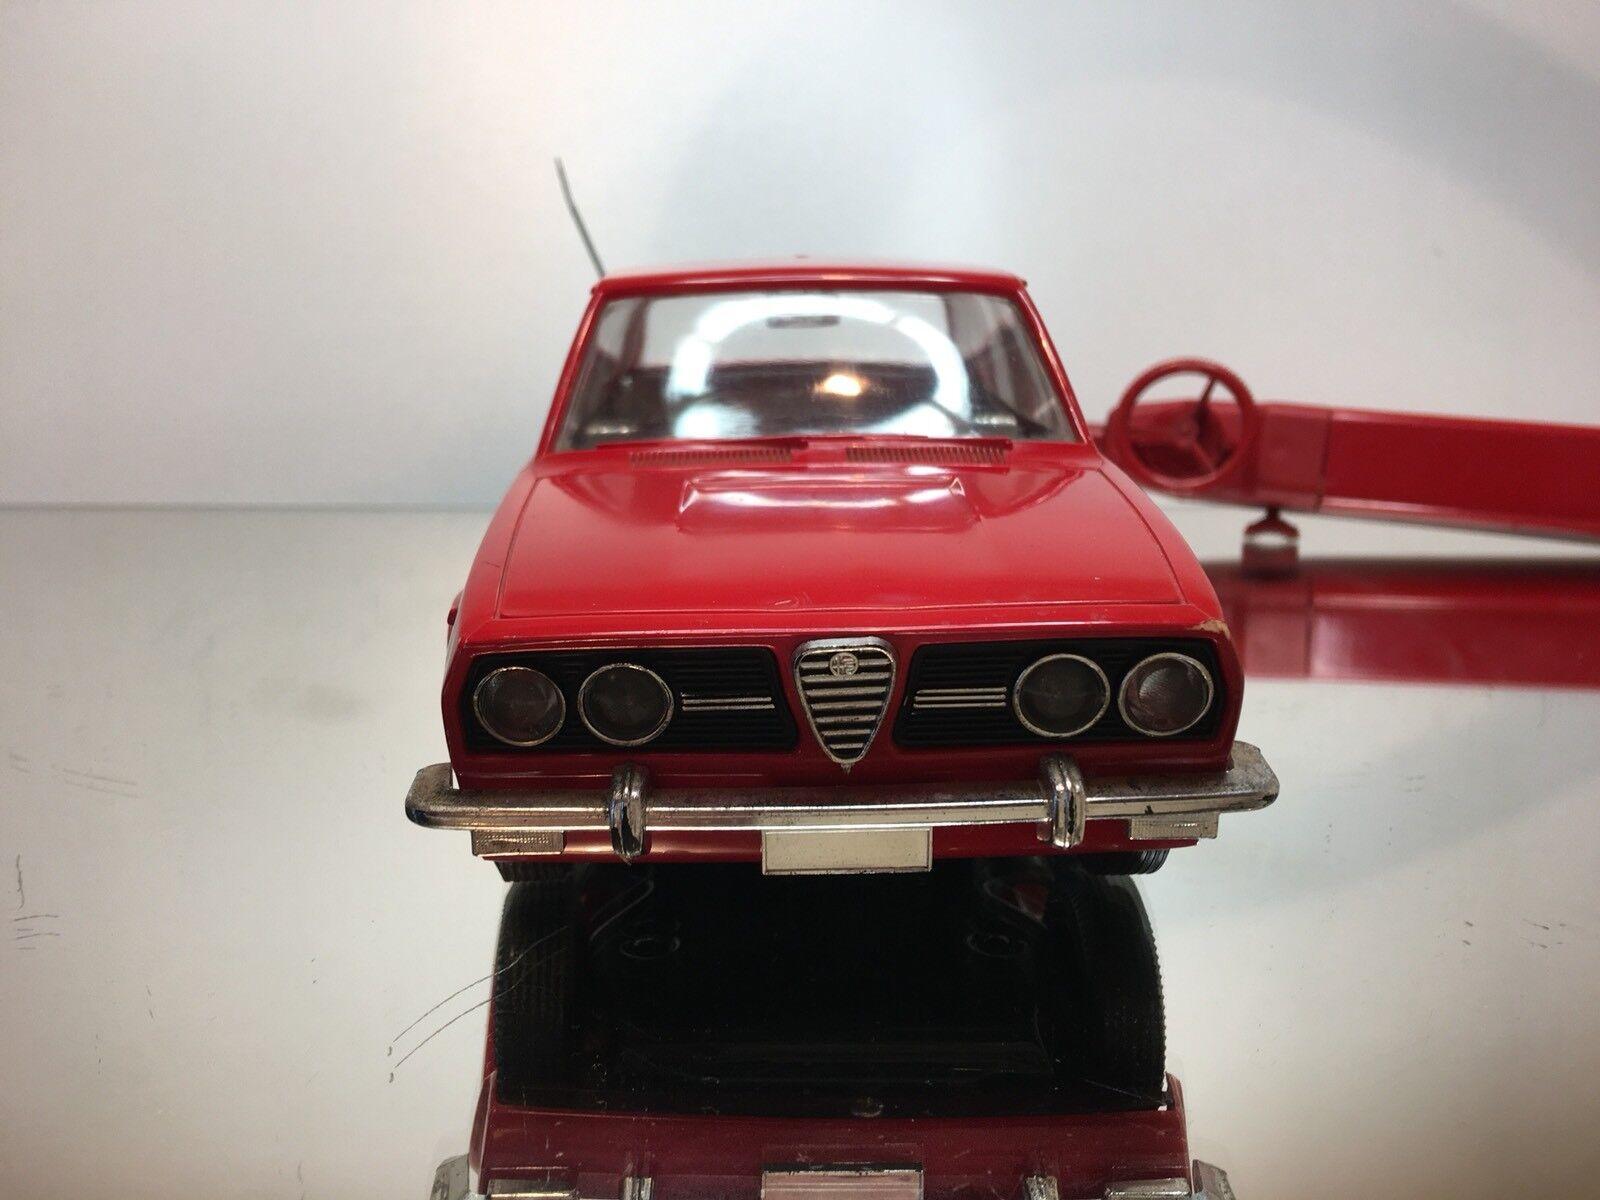 GIOCATTOLI MARCHESINI ALFA ROMEO ALFETTA - - - RC RED L26.5cm RARE - GOOD CONDITION 38a2df